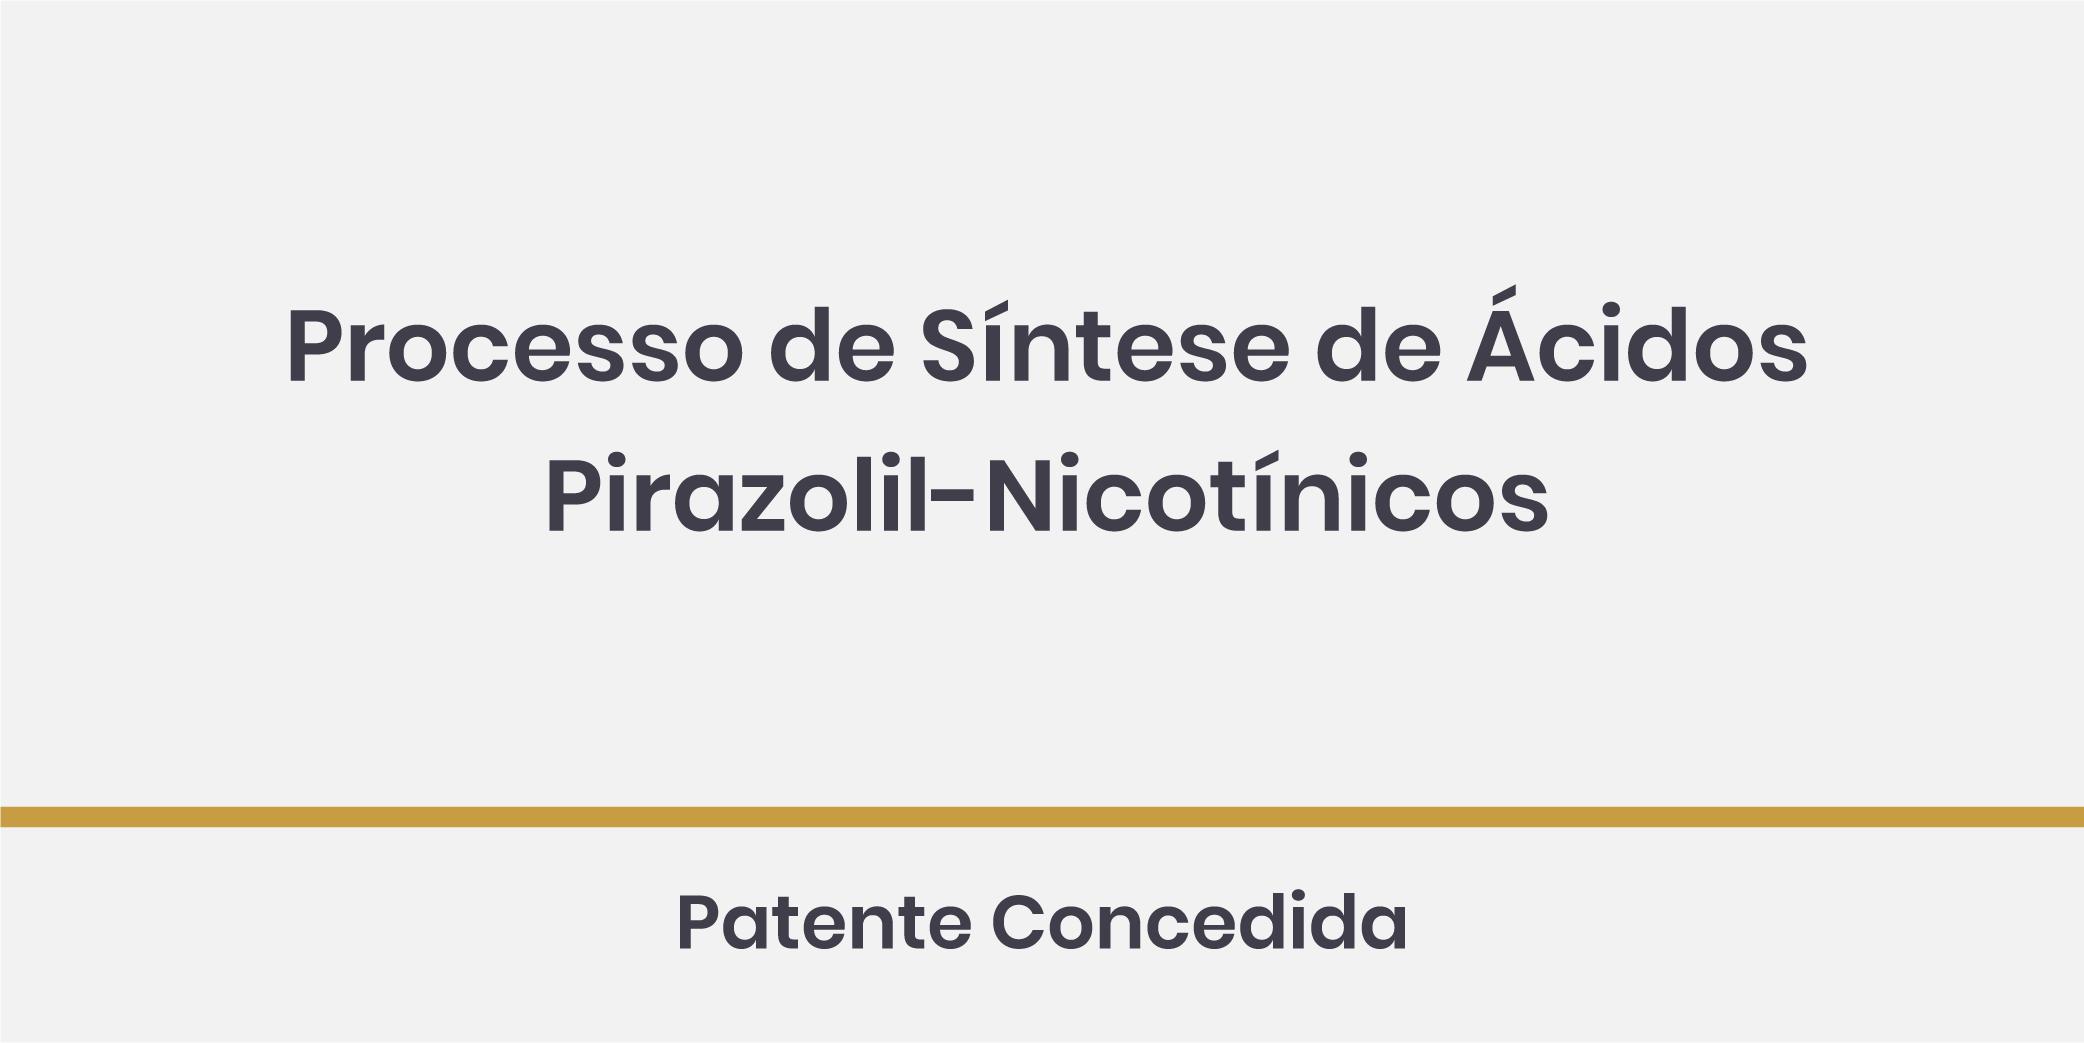 Processo de Síntese de Ácidos Pirazolil-Nicotínicos; Patente Concedida